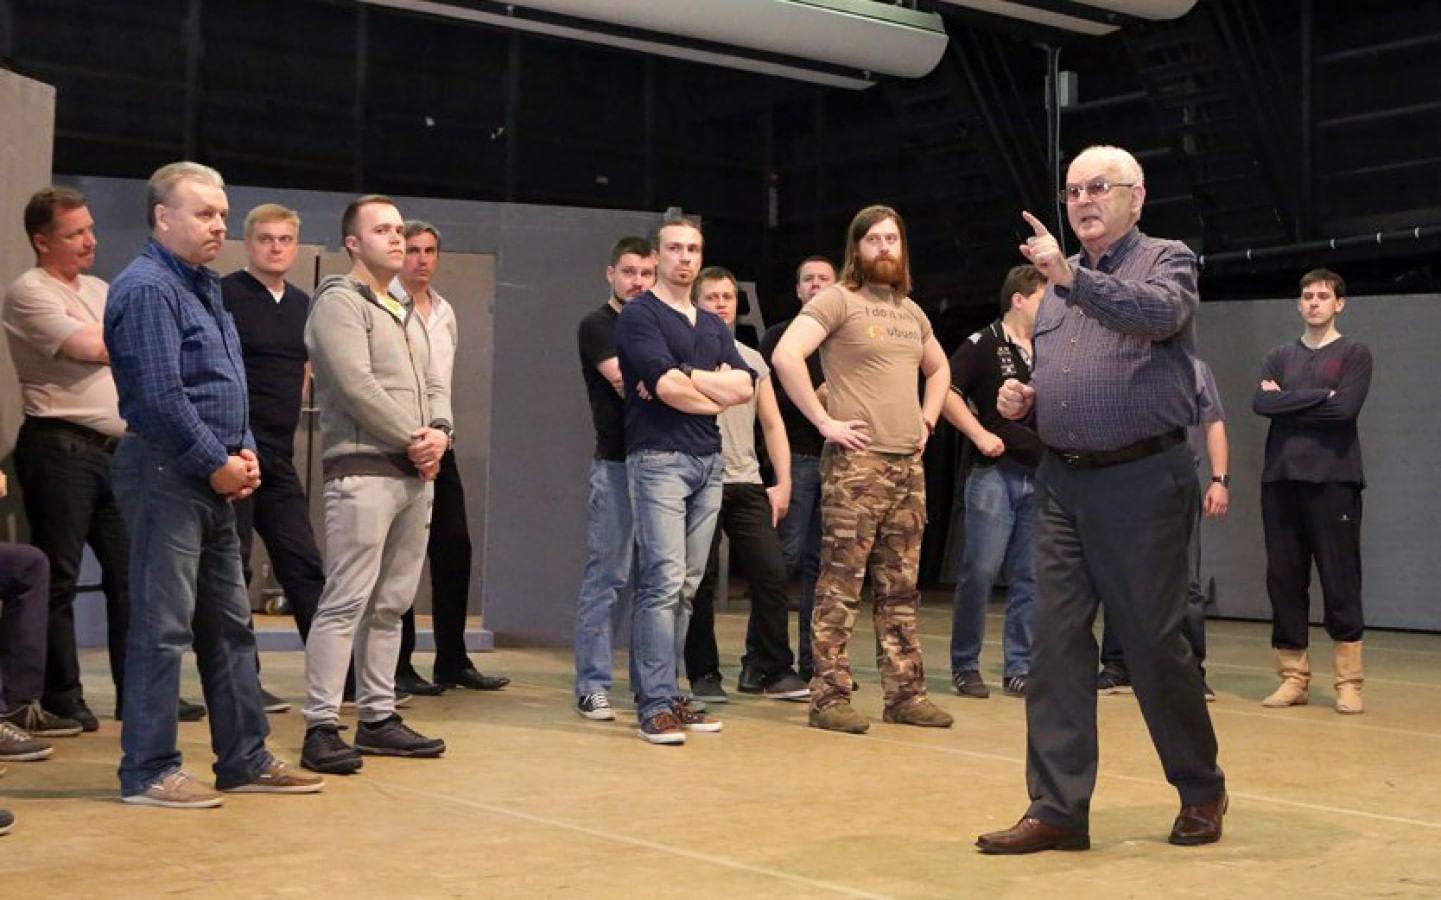 Репетиция оперы «Кармен» в Большом театре. Дамир Юсупов / Большой театр